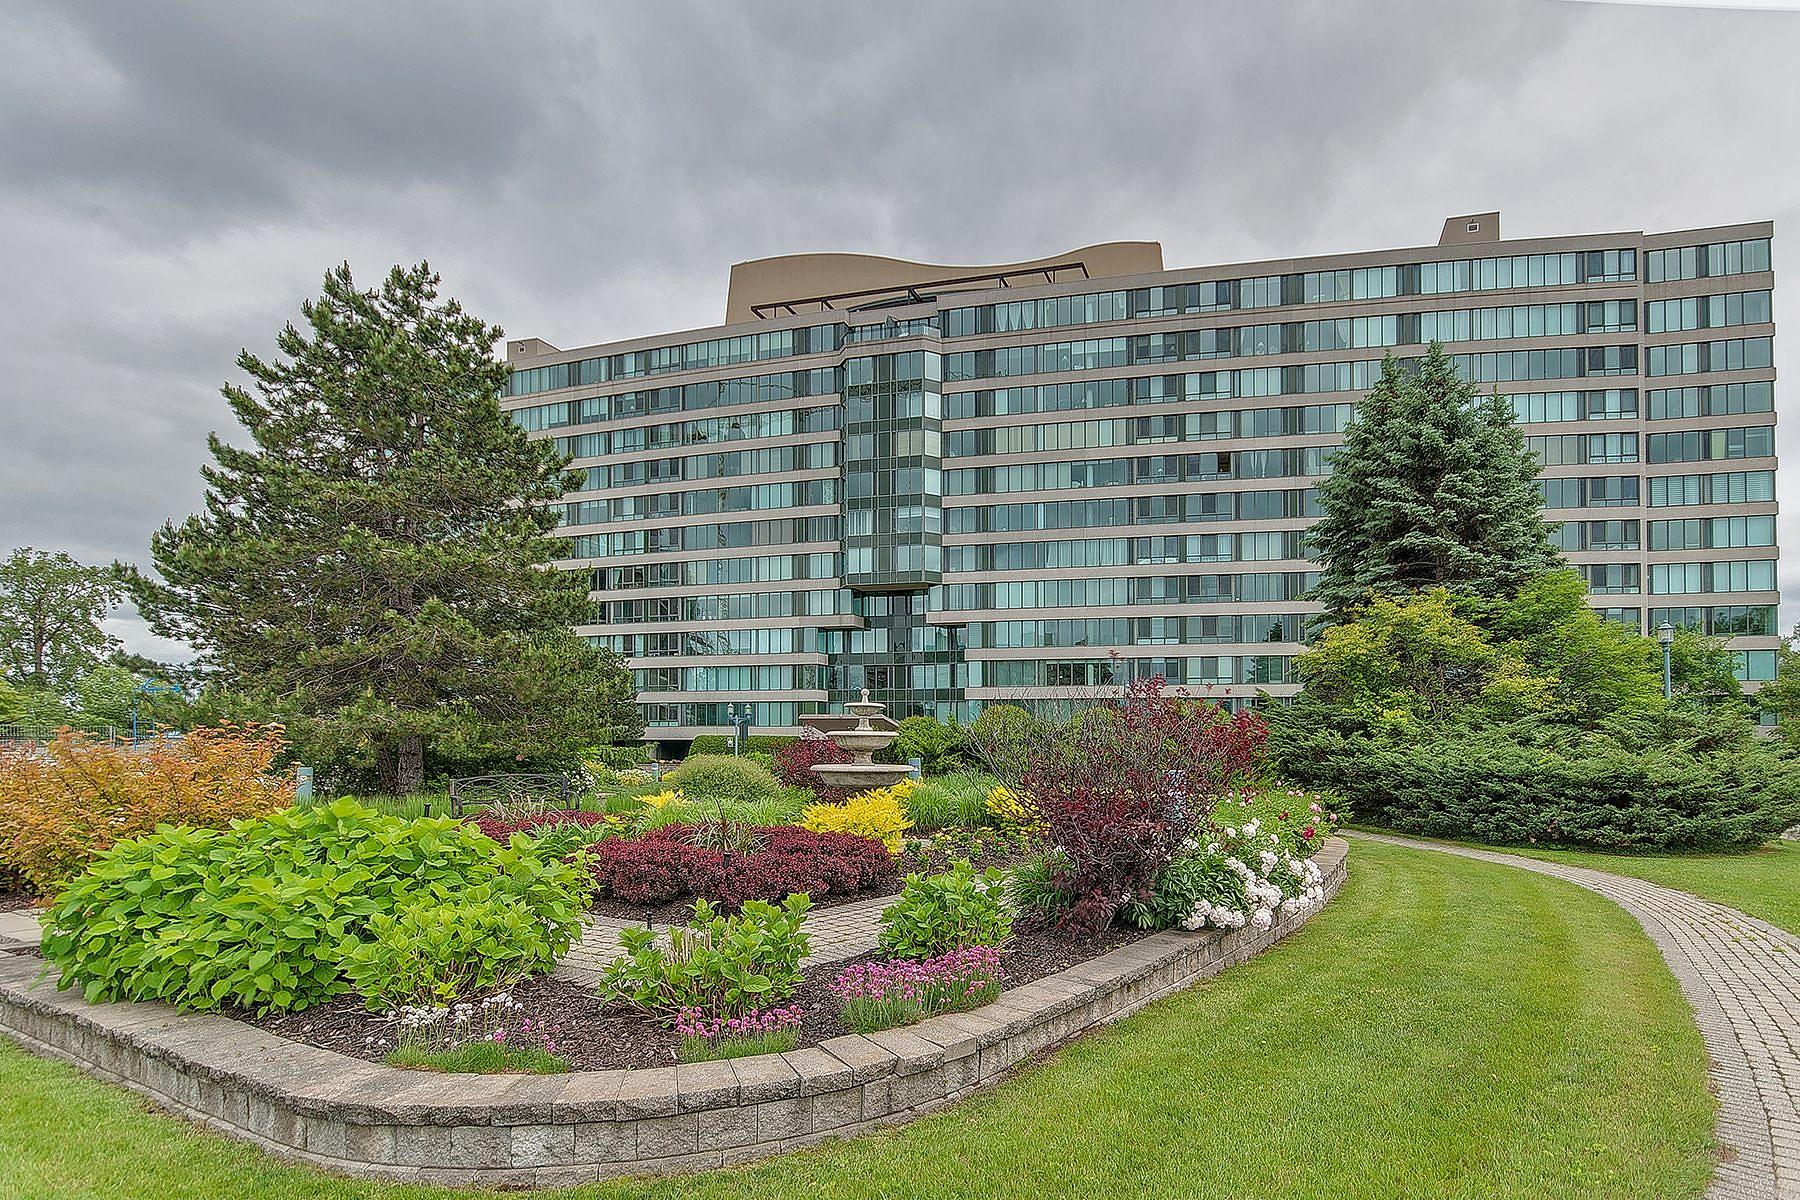 Maison unifamiliale pour l Vente à Chomedey, Laval 4450 Prom. Paton, Apt. S-06 Chomedey, Québec, H7W5J7 Canada